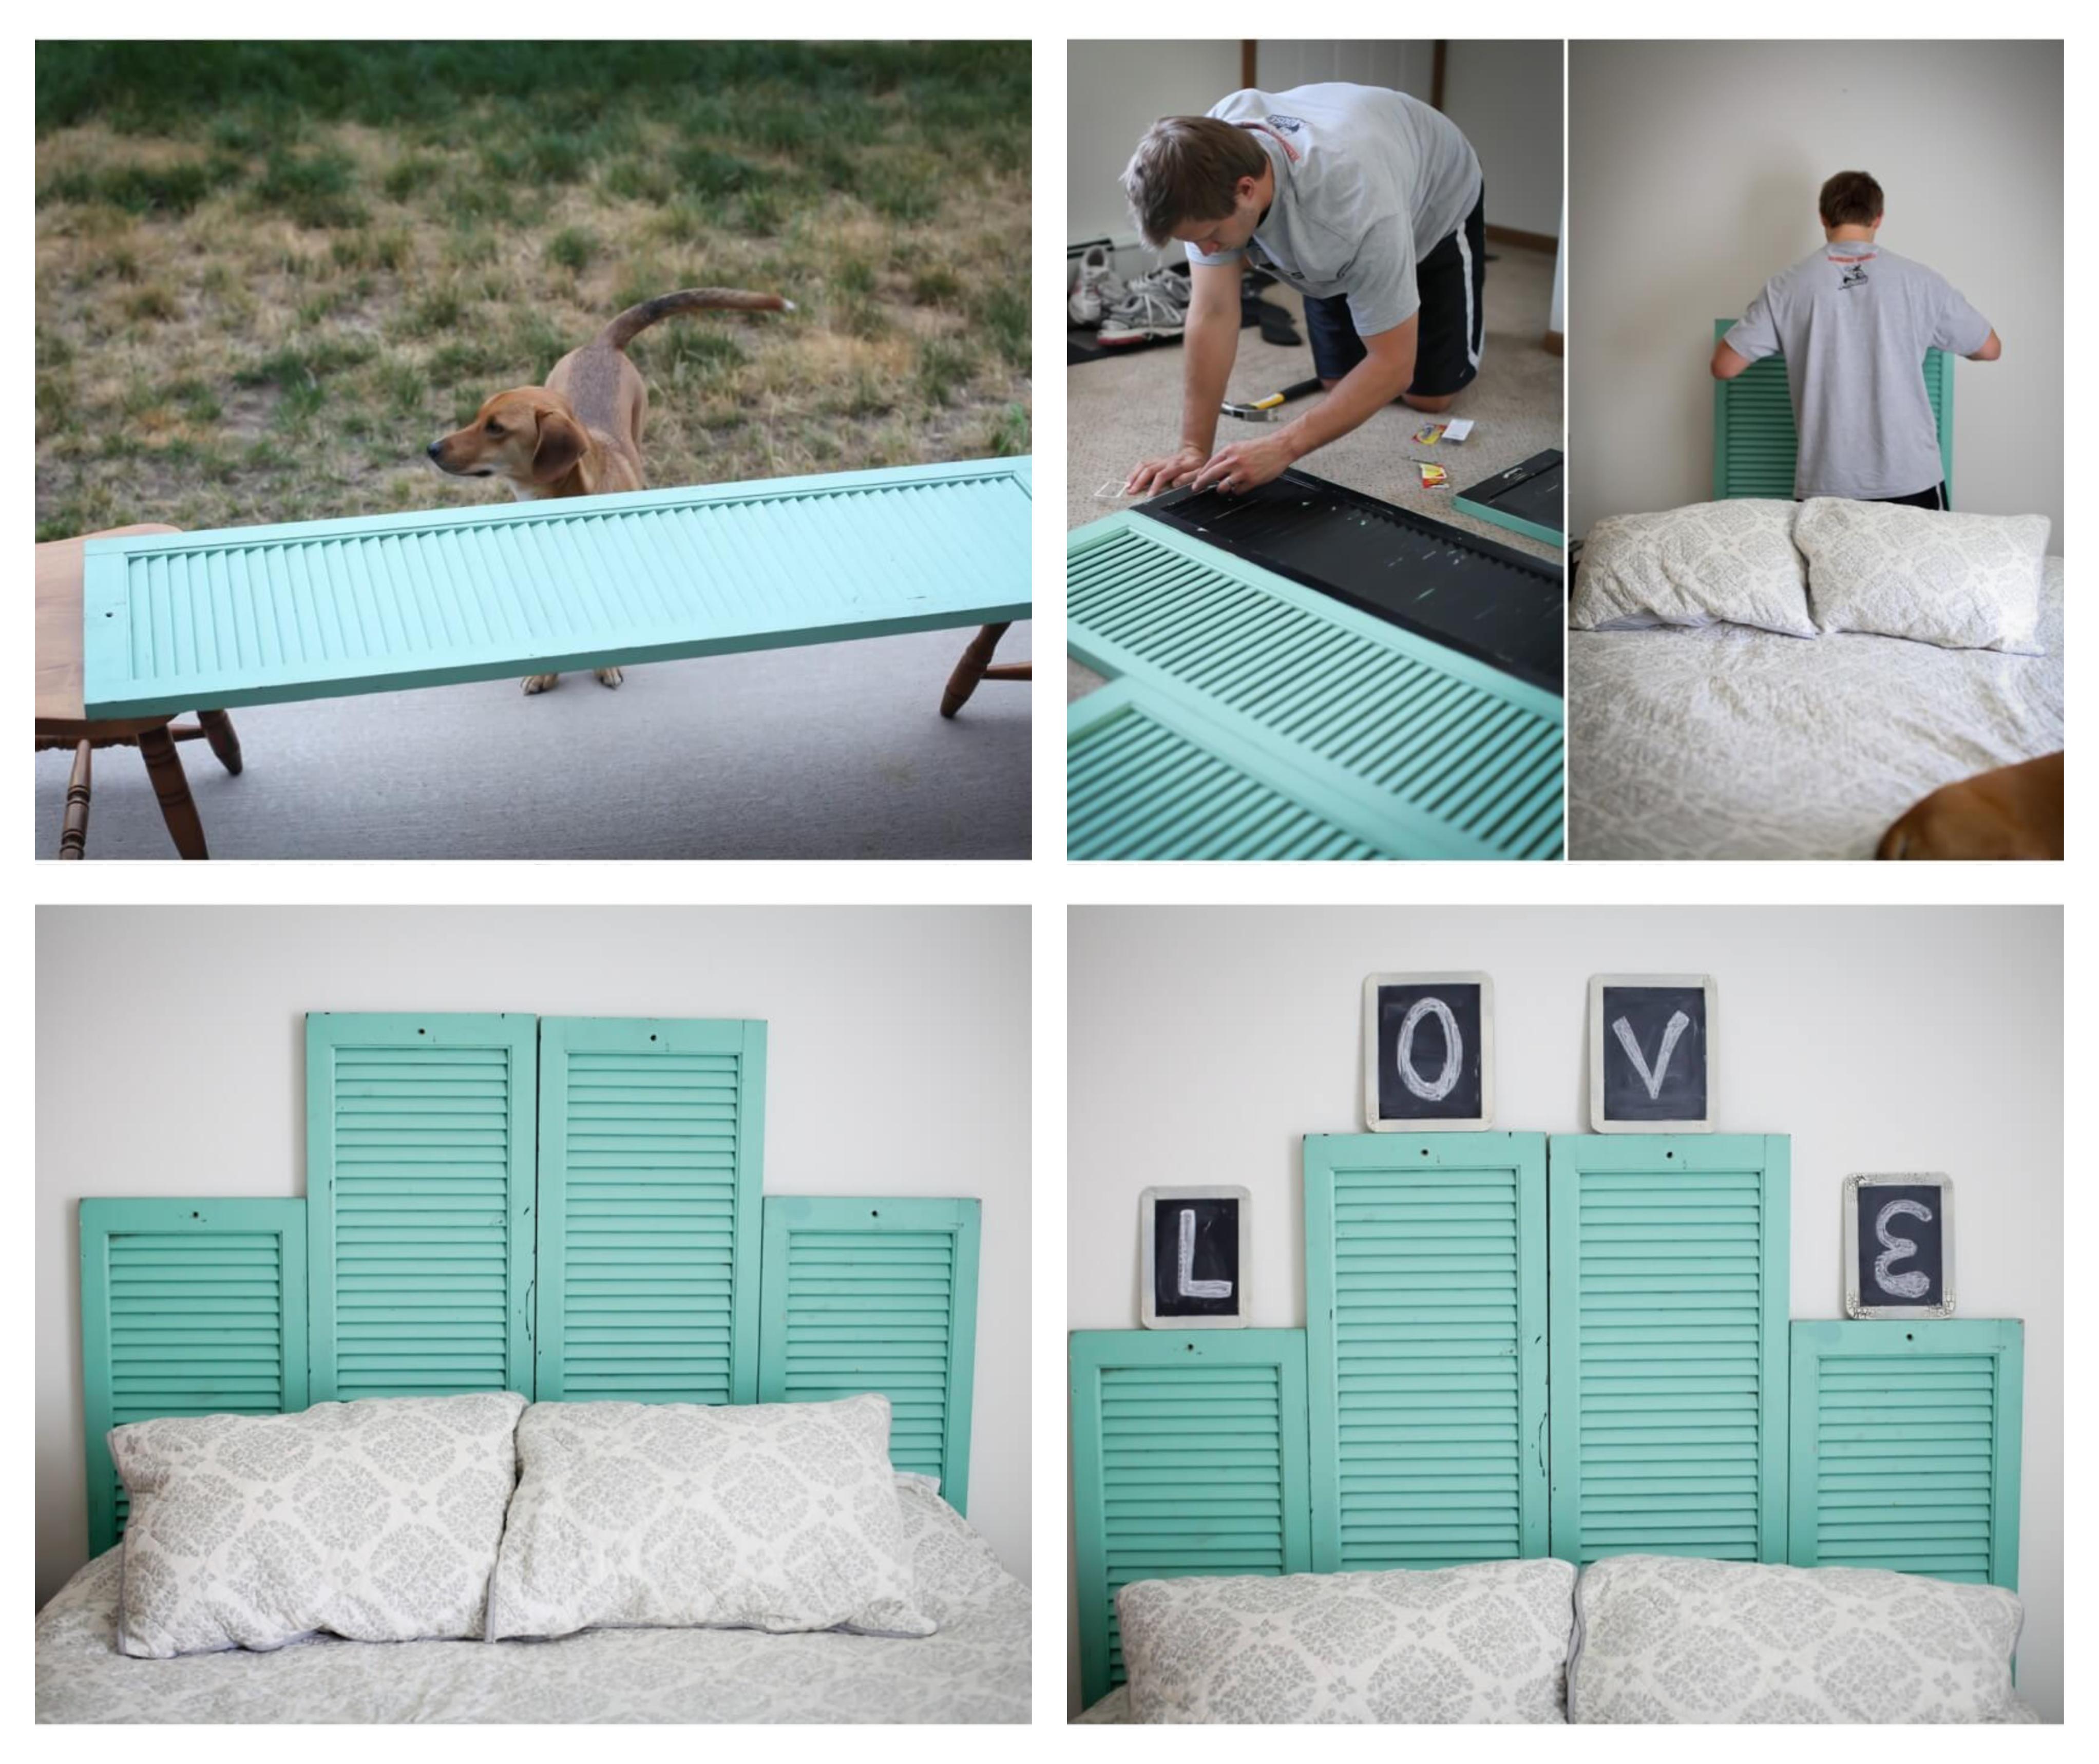 La d co t te de lit en plusieurs id es de bricolage g niales que vous pouvez r aliser par vous - Fabriquer un lit rabattable ...